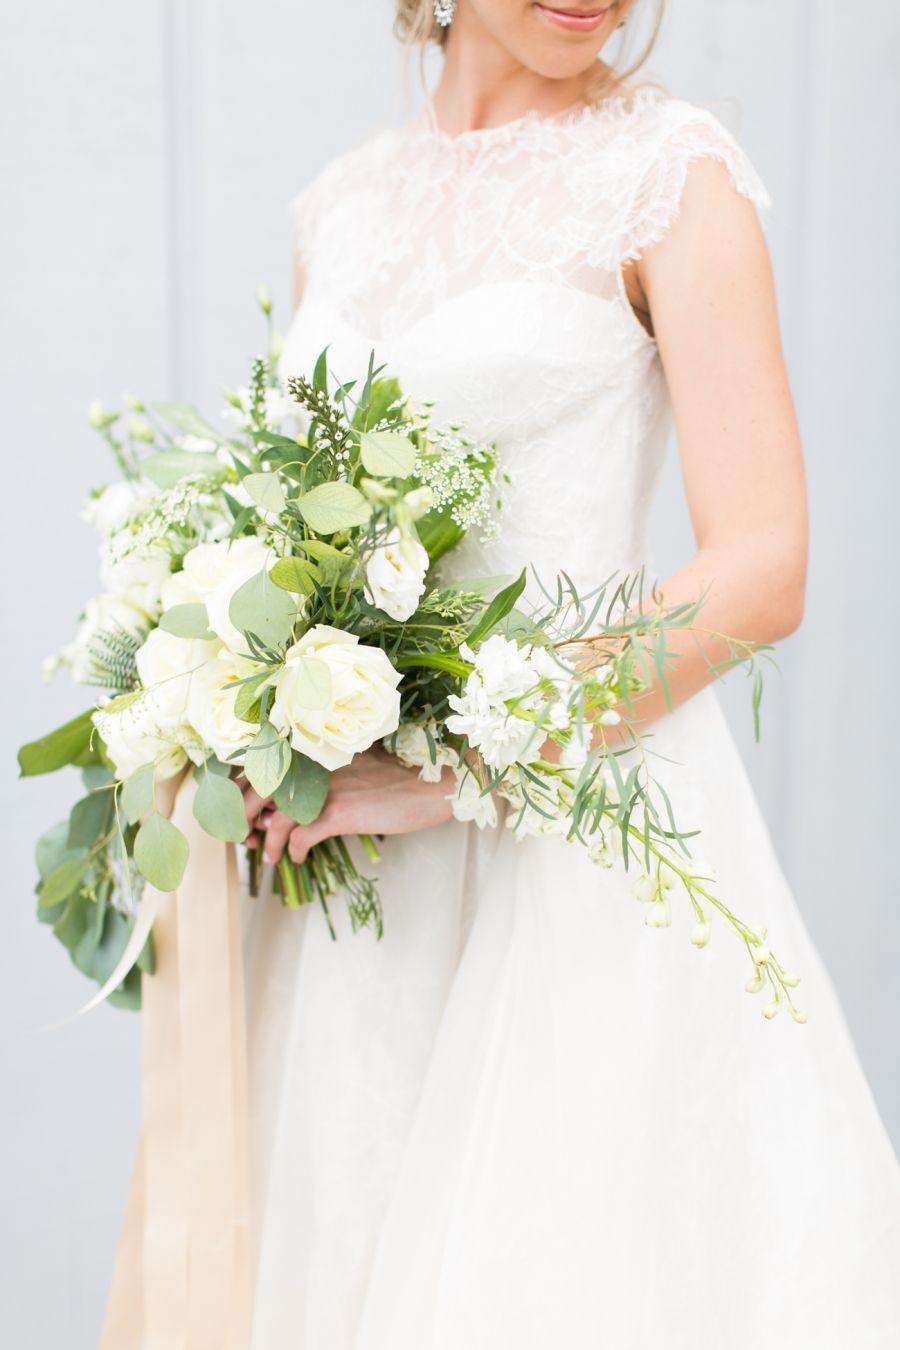 Bouquet Sposa Vestito Champagne.Emerald Champagne Inspired Wedding Inspiration